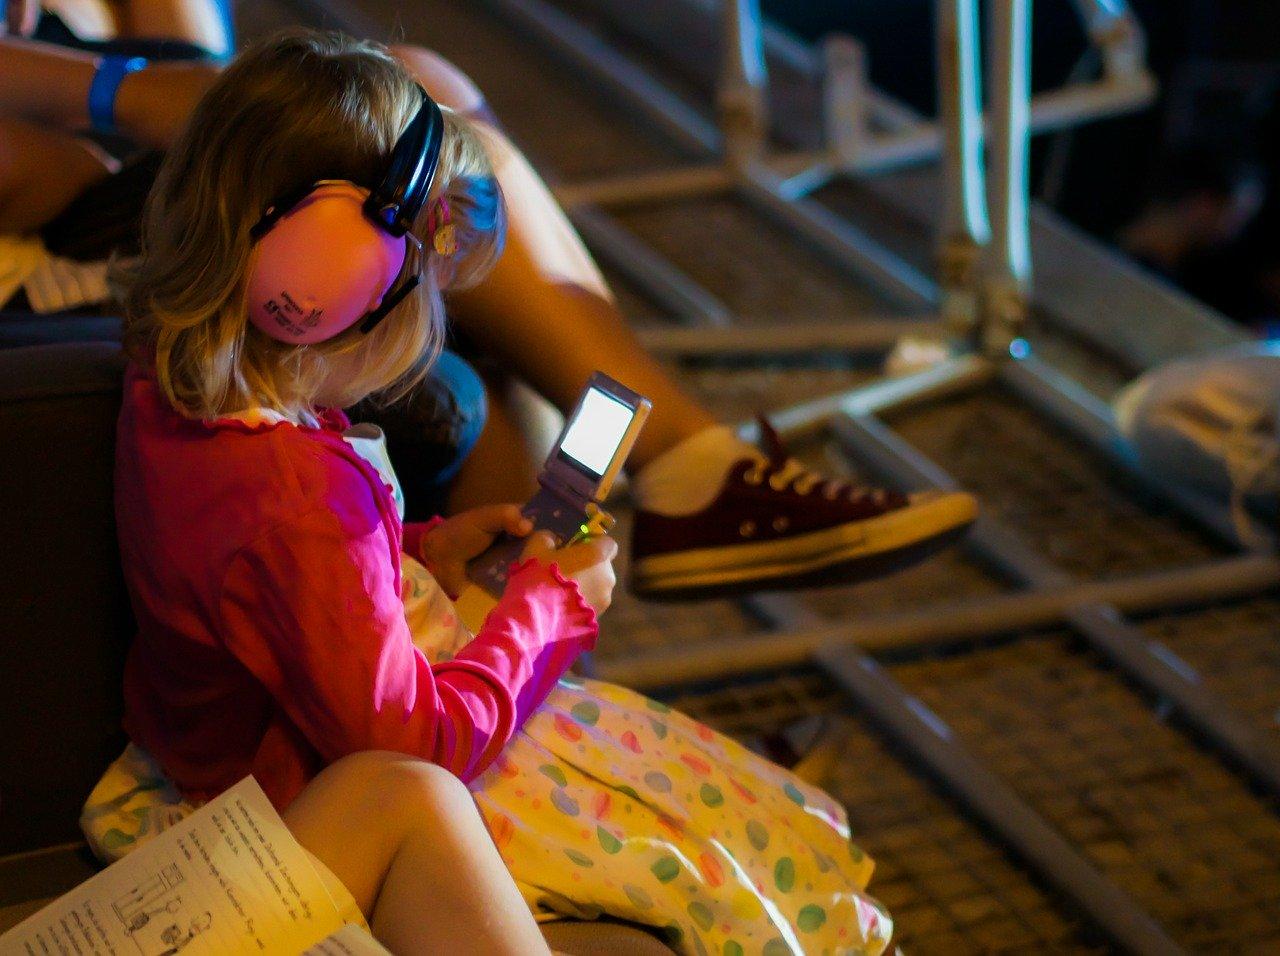 Enfant et jeu vidéo